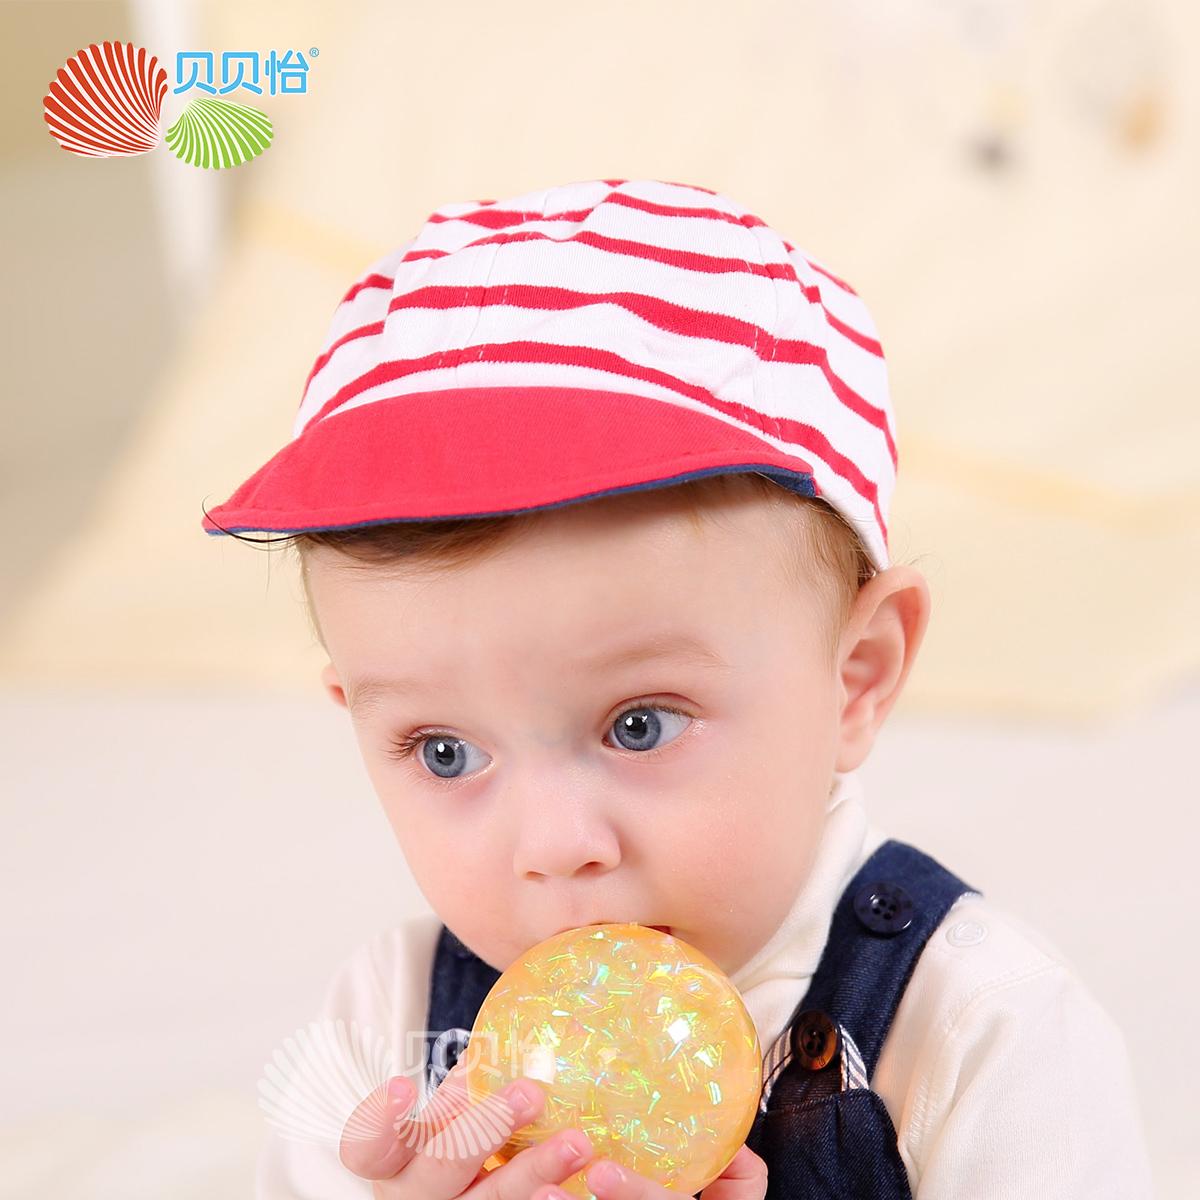 貝貝怡童帽寶寶帽子防風保暖嬰兒鴨舌帽遮陽帽兒童棒球帽141P051